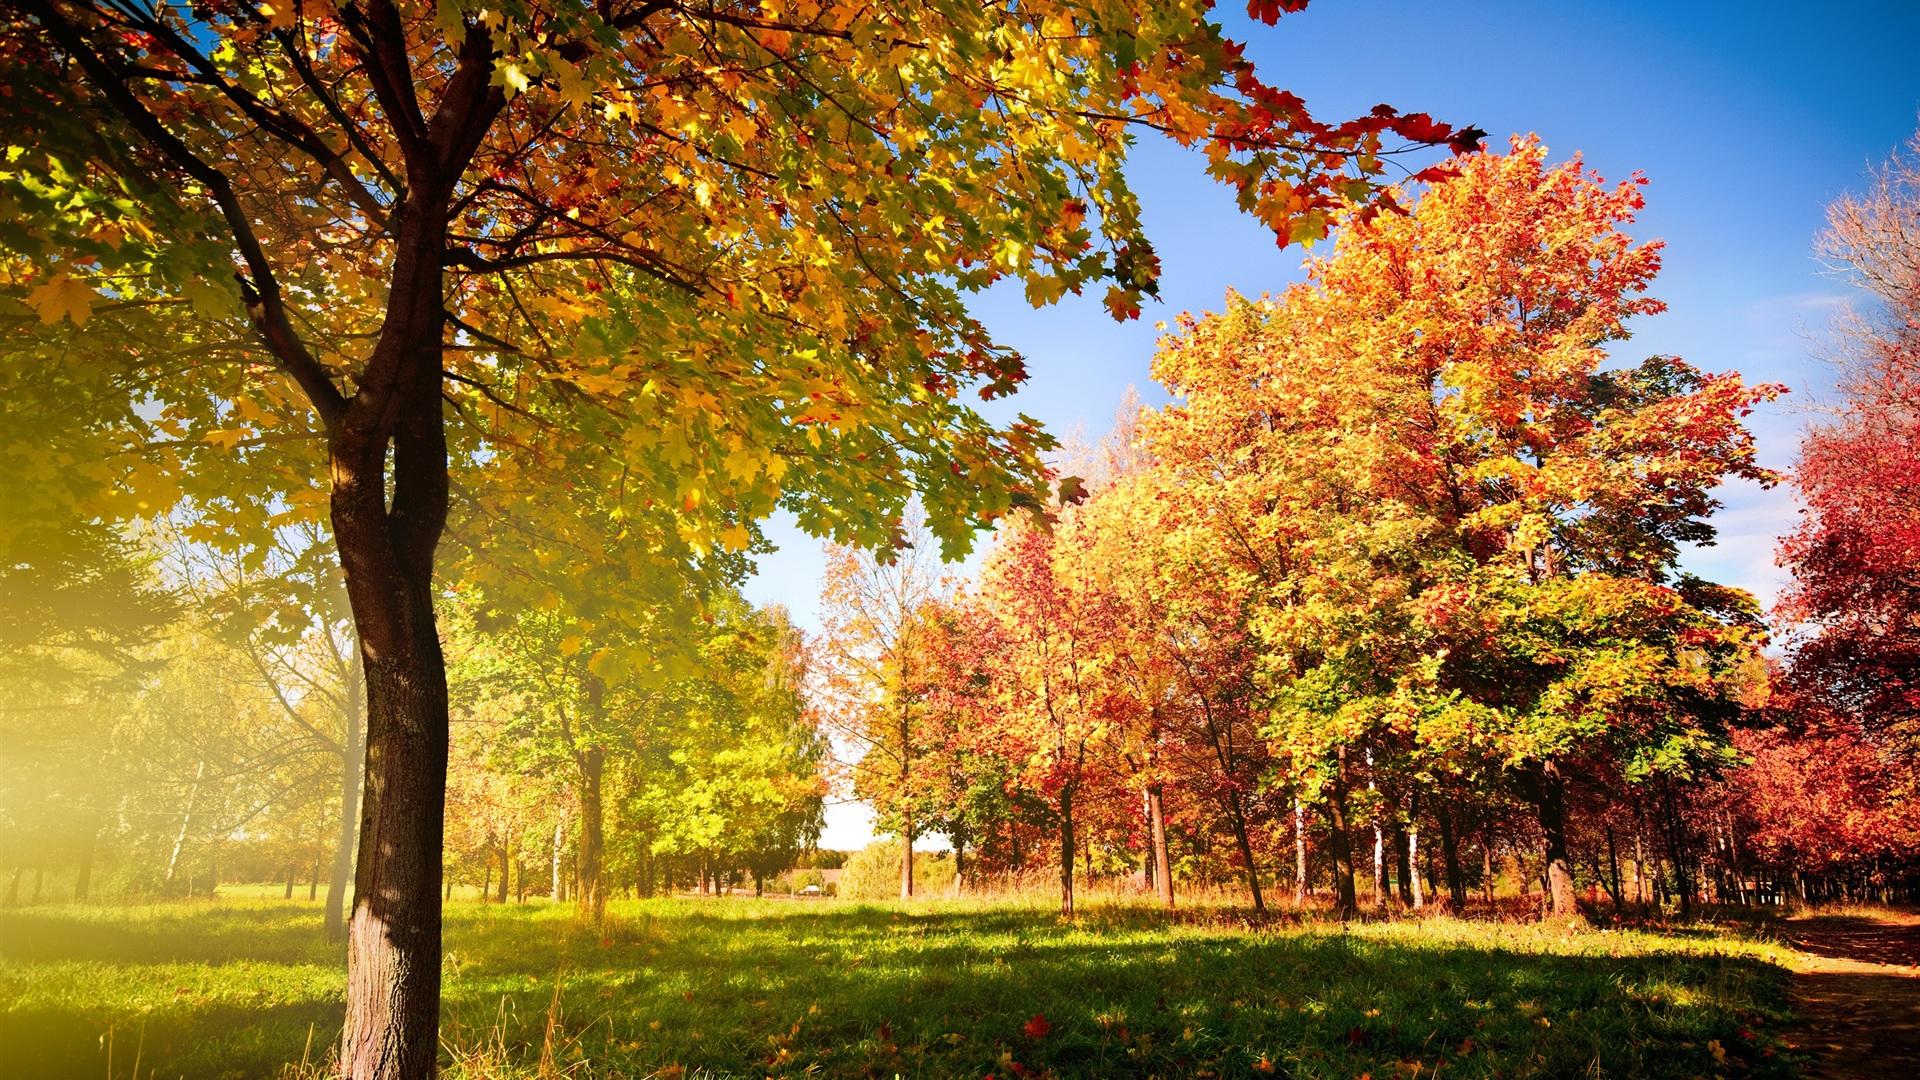 壁紙 秋の木々や葉 2560x1600 Hd 無料のデスクトップの背景 画像